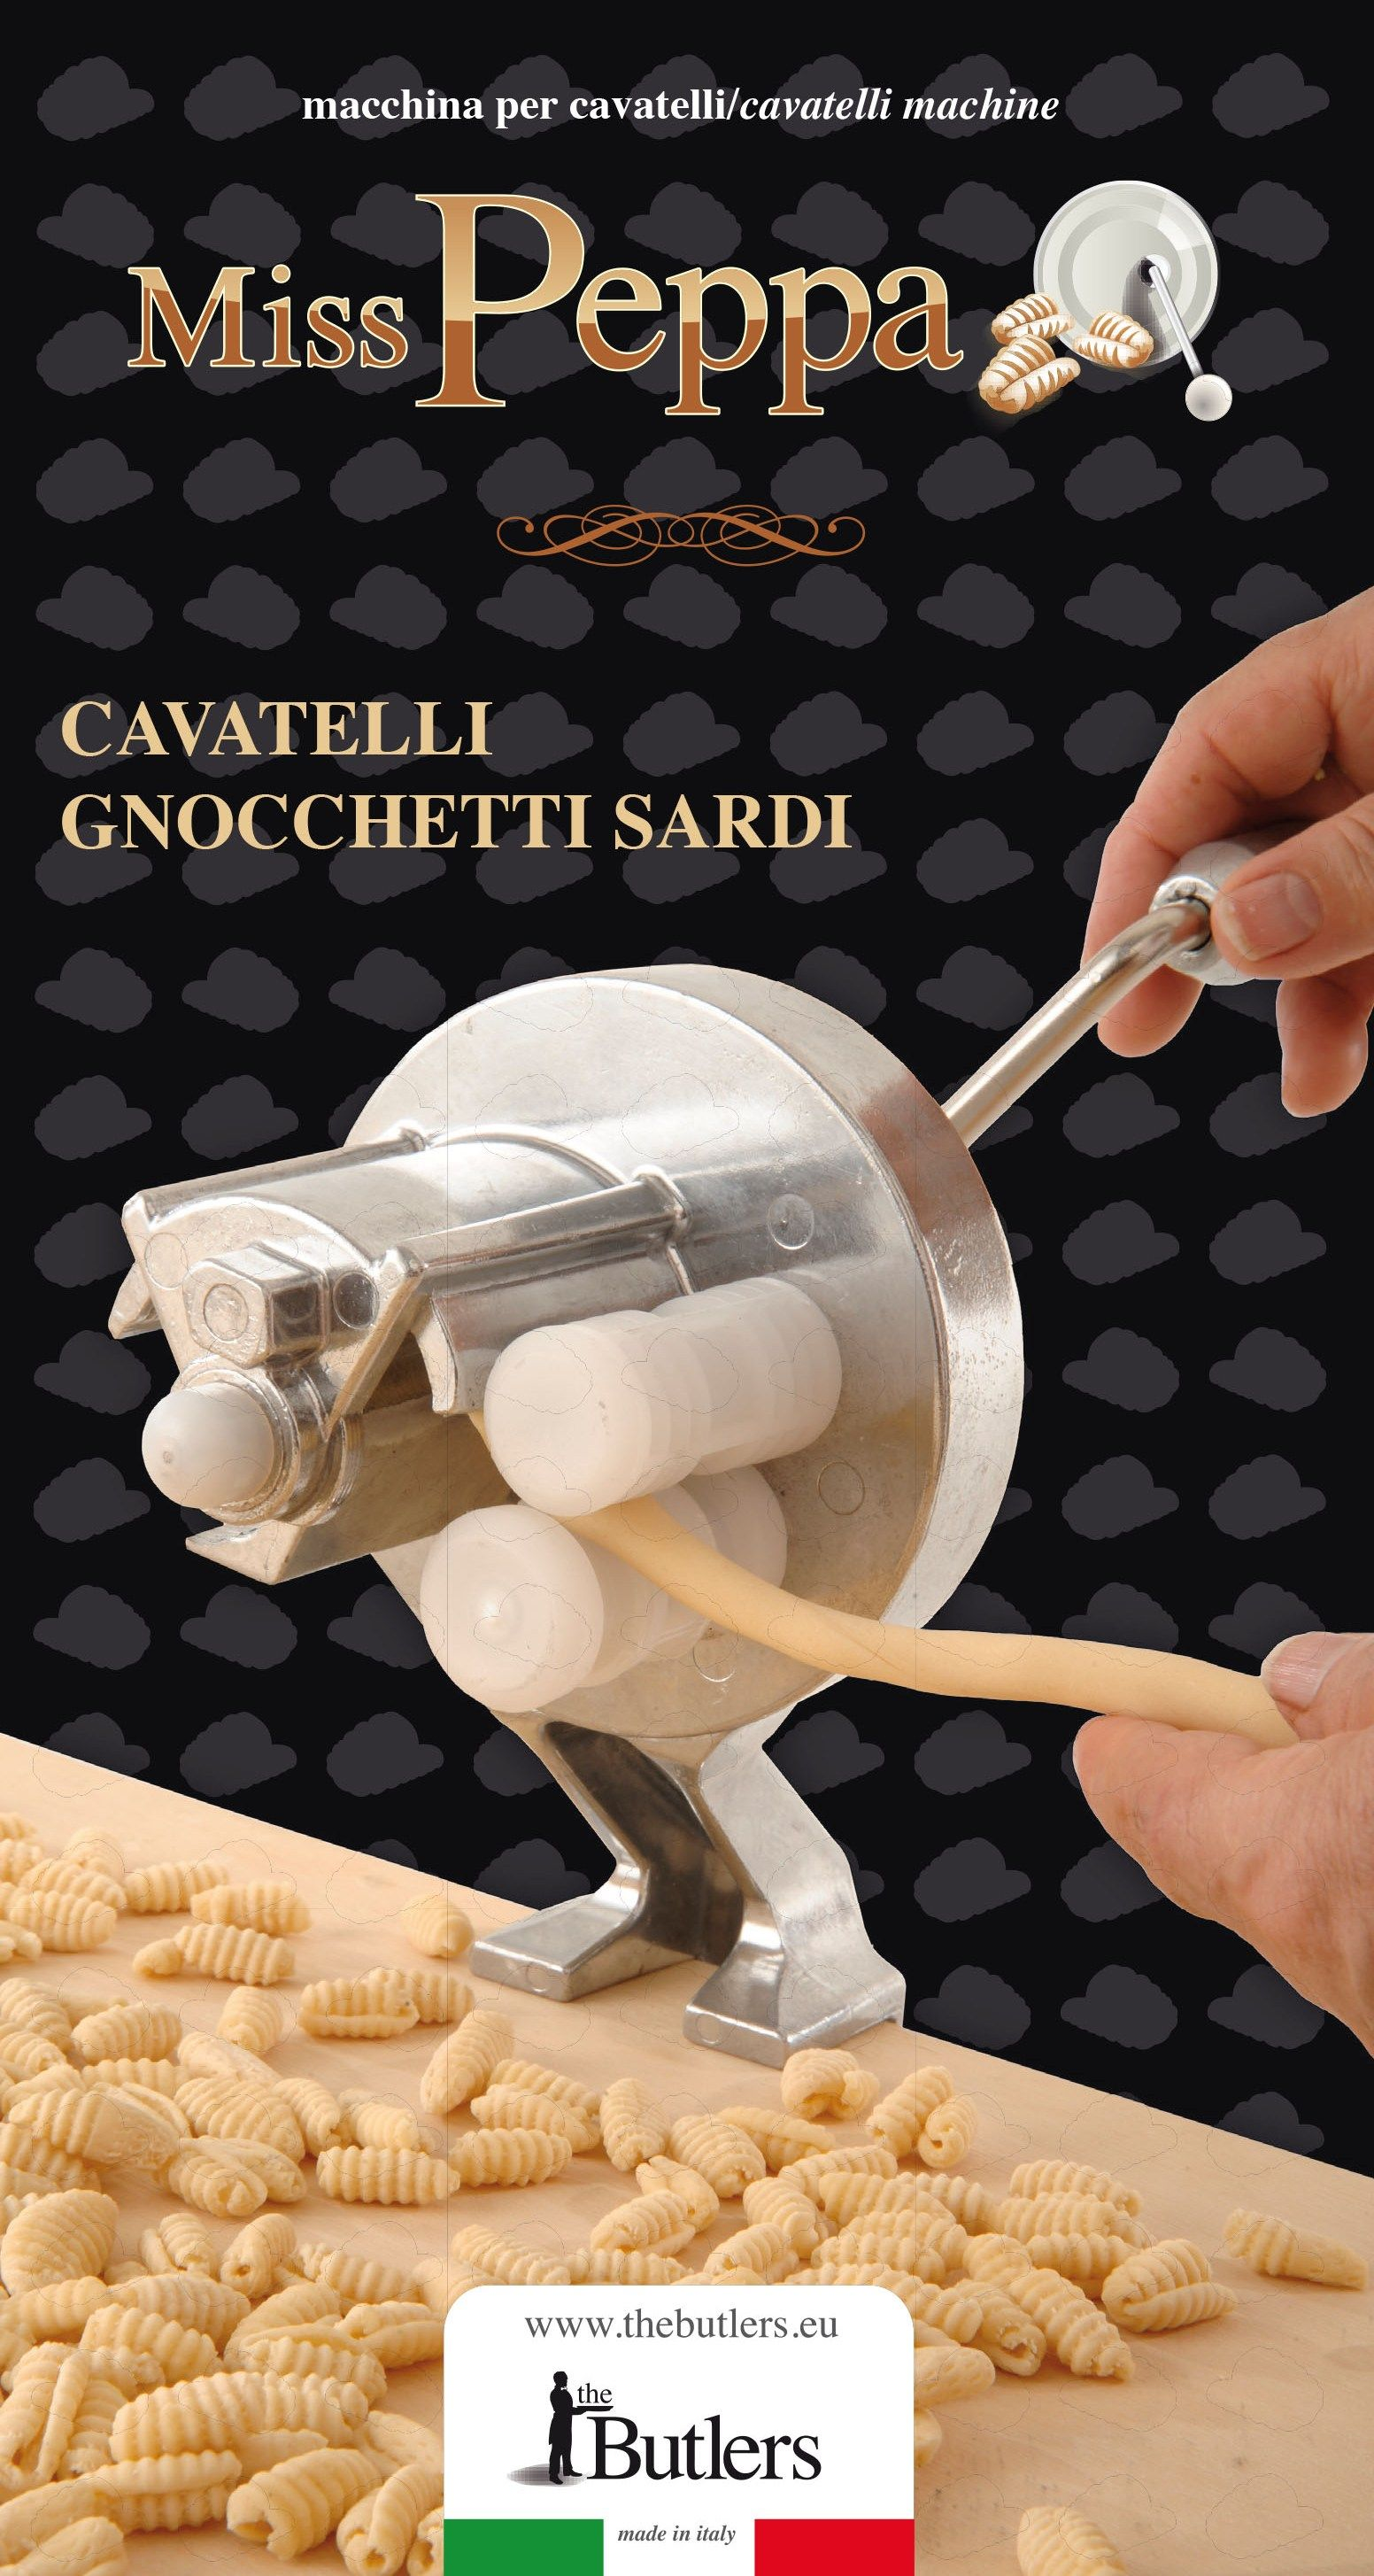 Voglia di pasta fatta in casa? Miss Peppa è la Macchina per cavatelli e gnocchetti sardi pratica e veloce da utilizzare.   Pasta Machine   #pasta